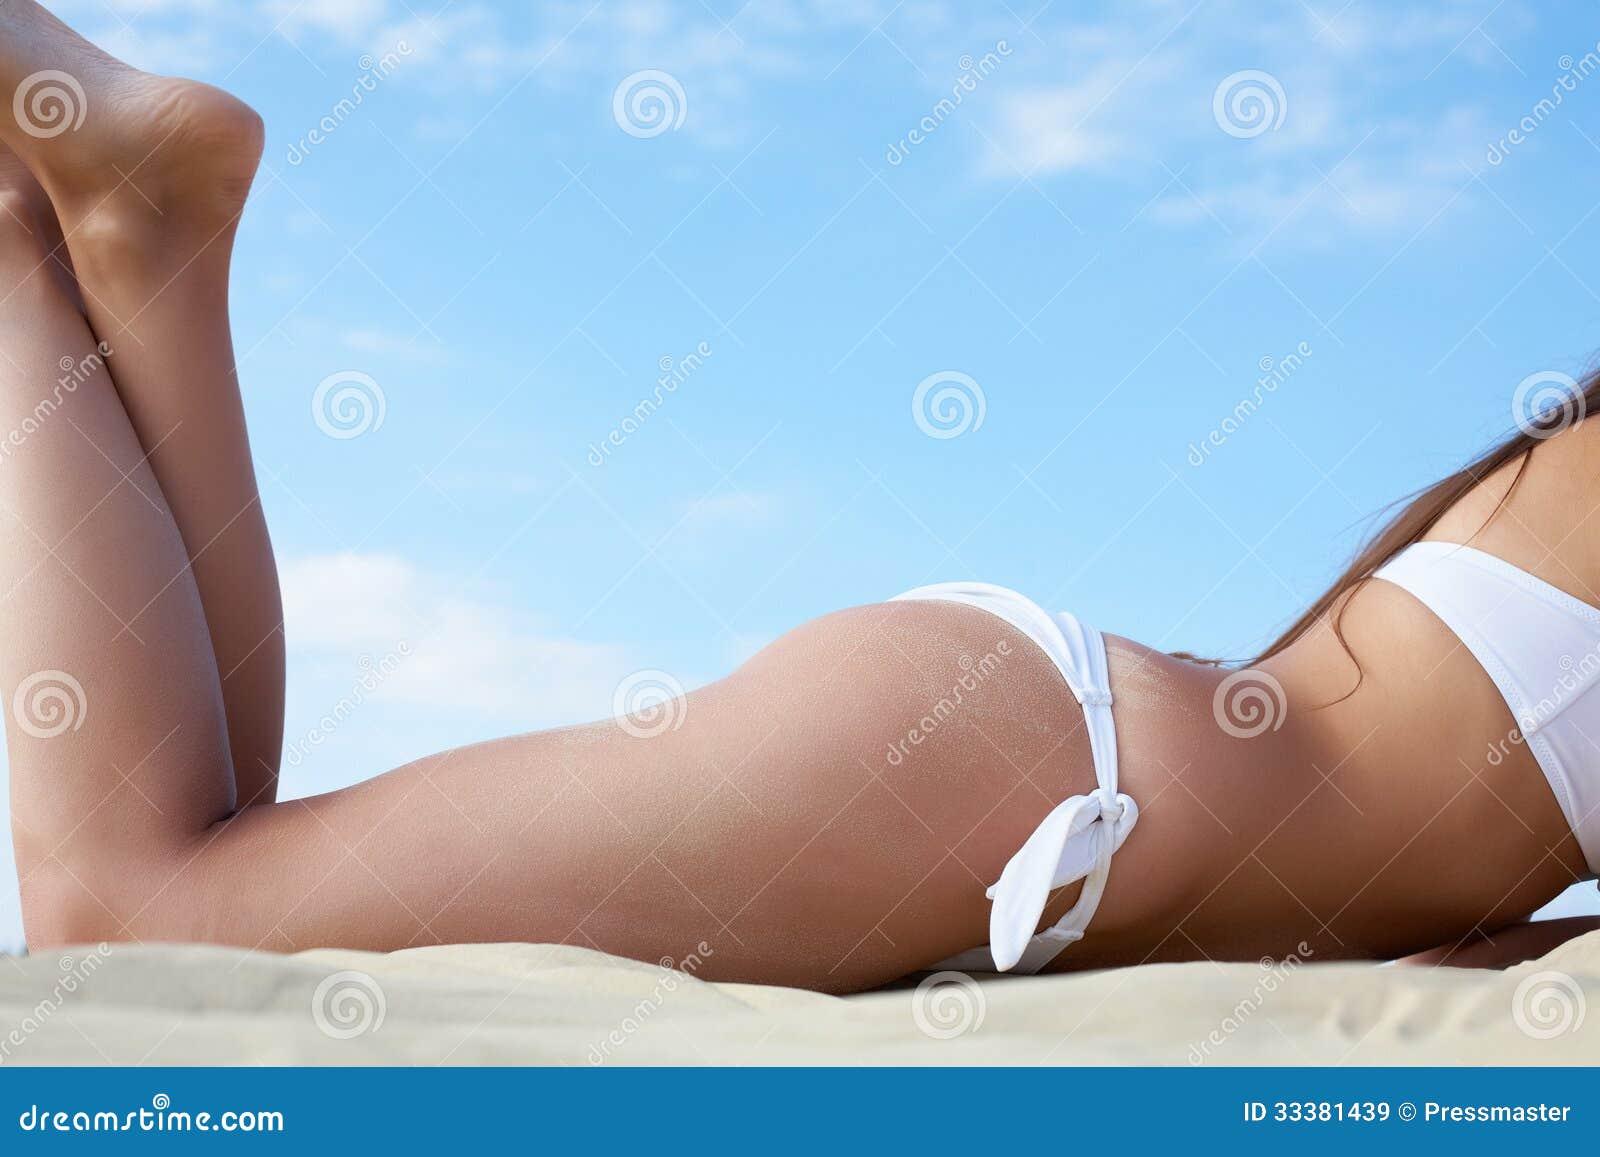 Шикарное женское тело фото